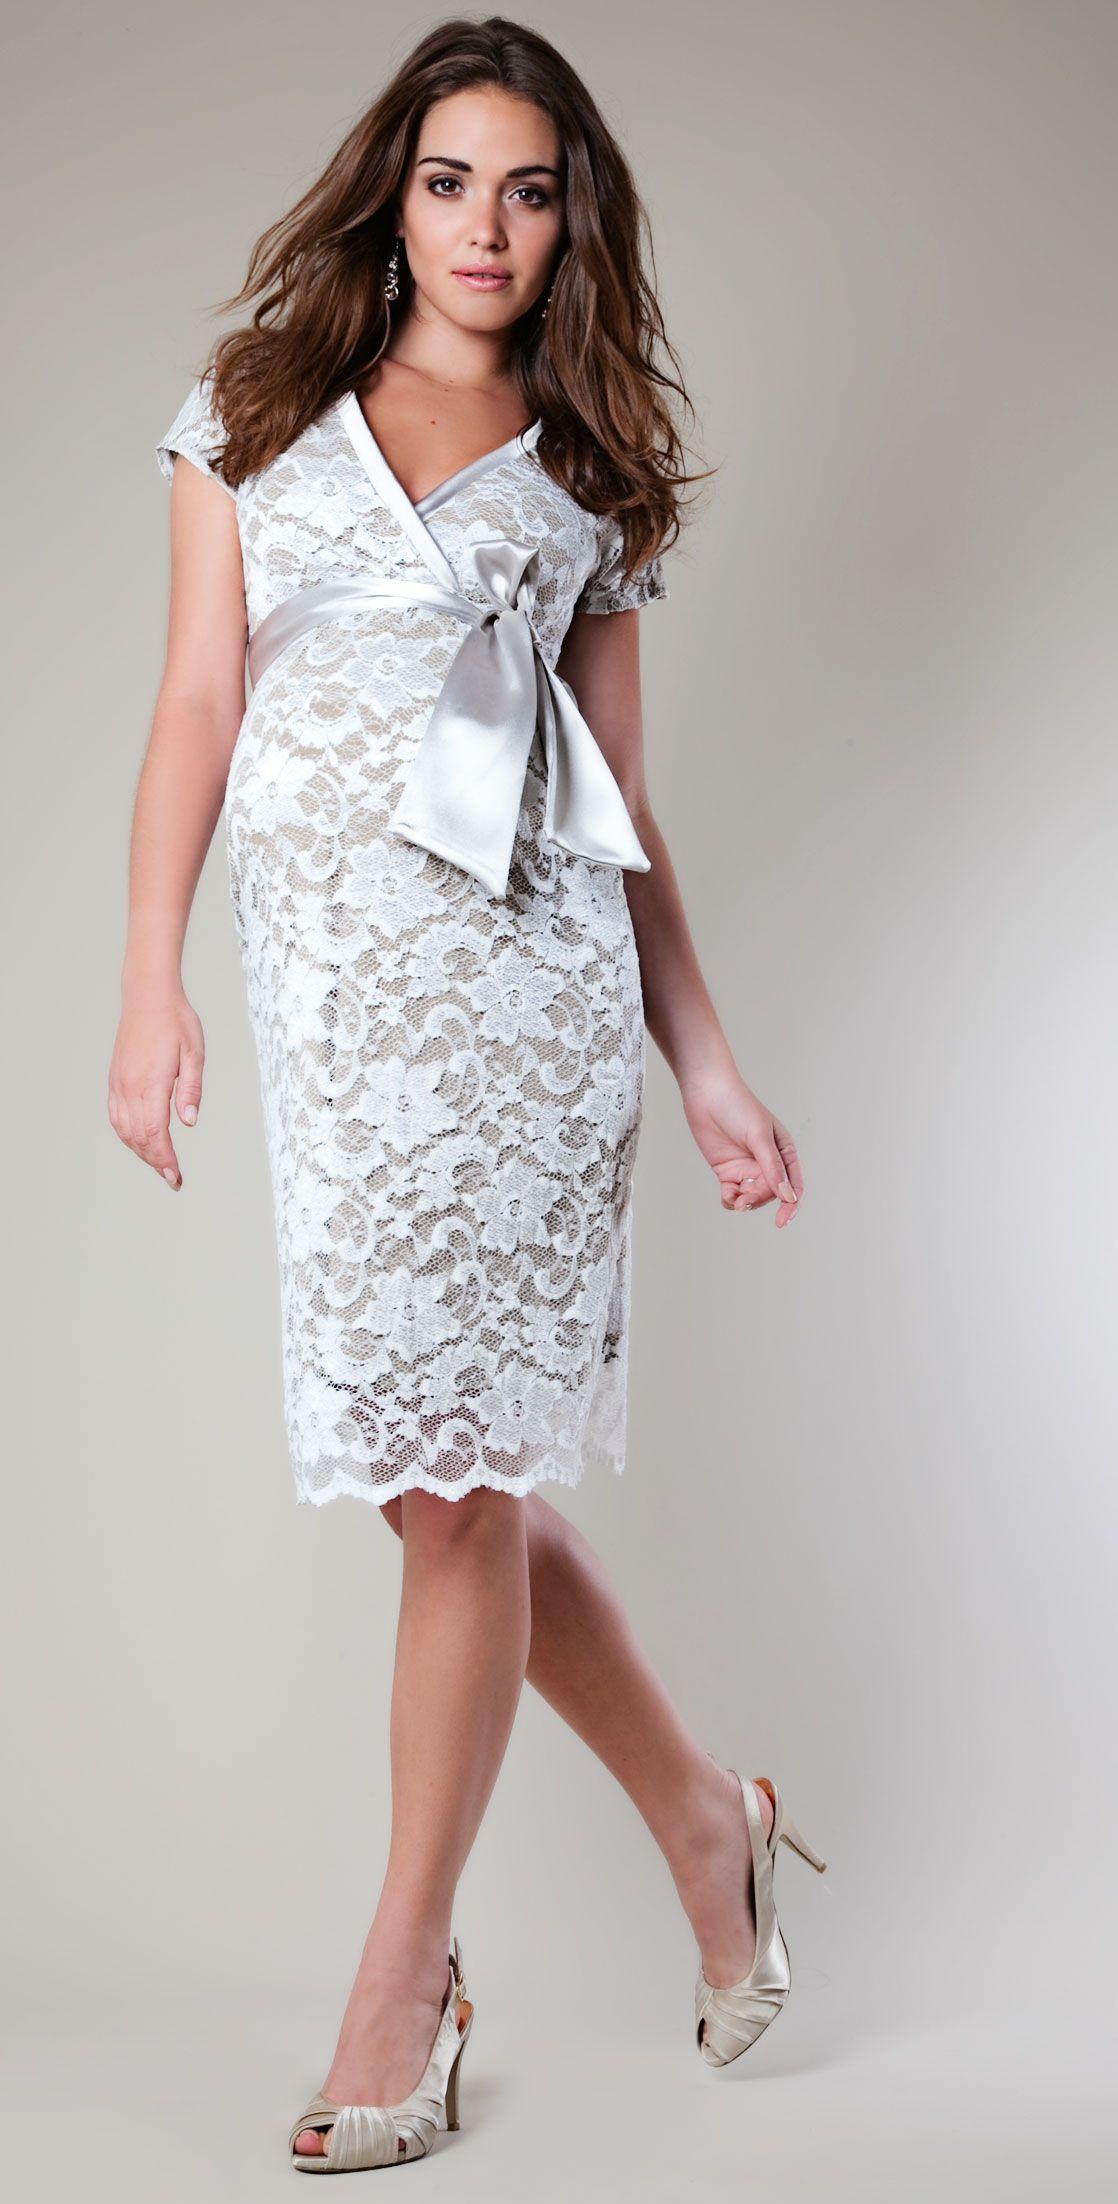 maternity dresses for weddings Grace Dress